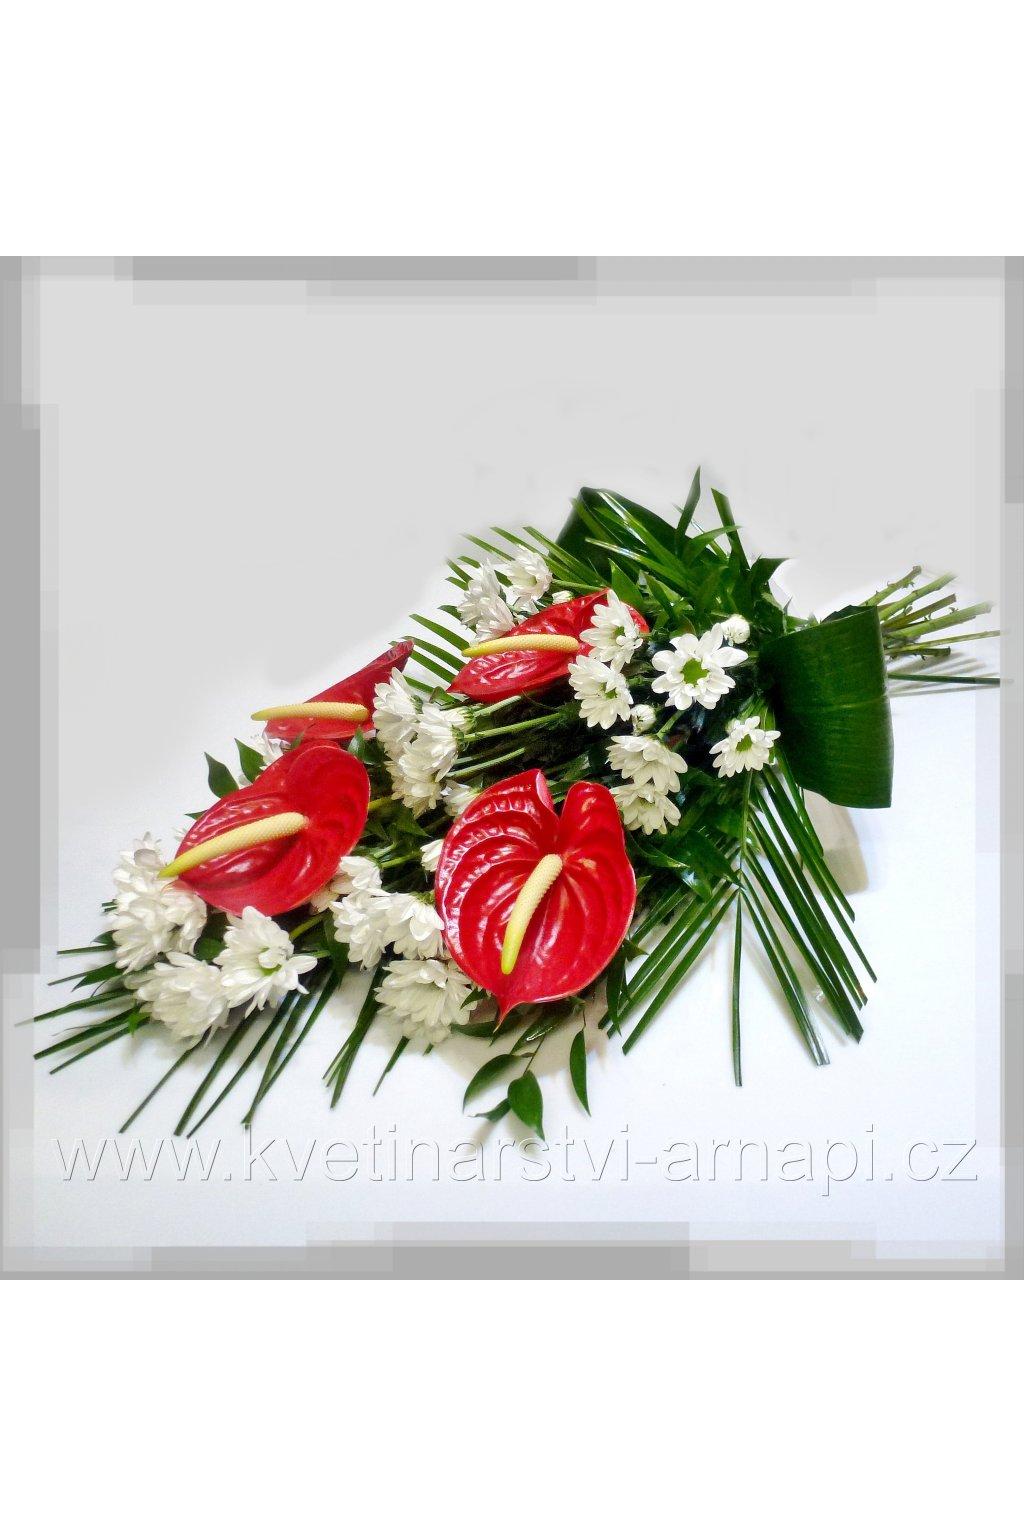 smutecni anthuria kvetiny rozvoz kvetinarstvi arnapi